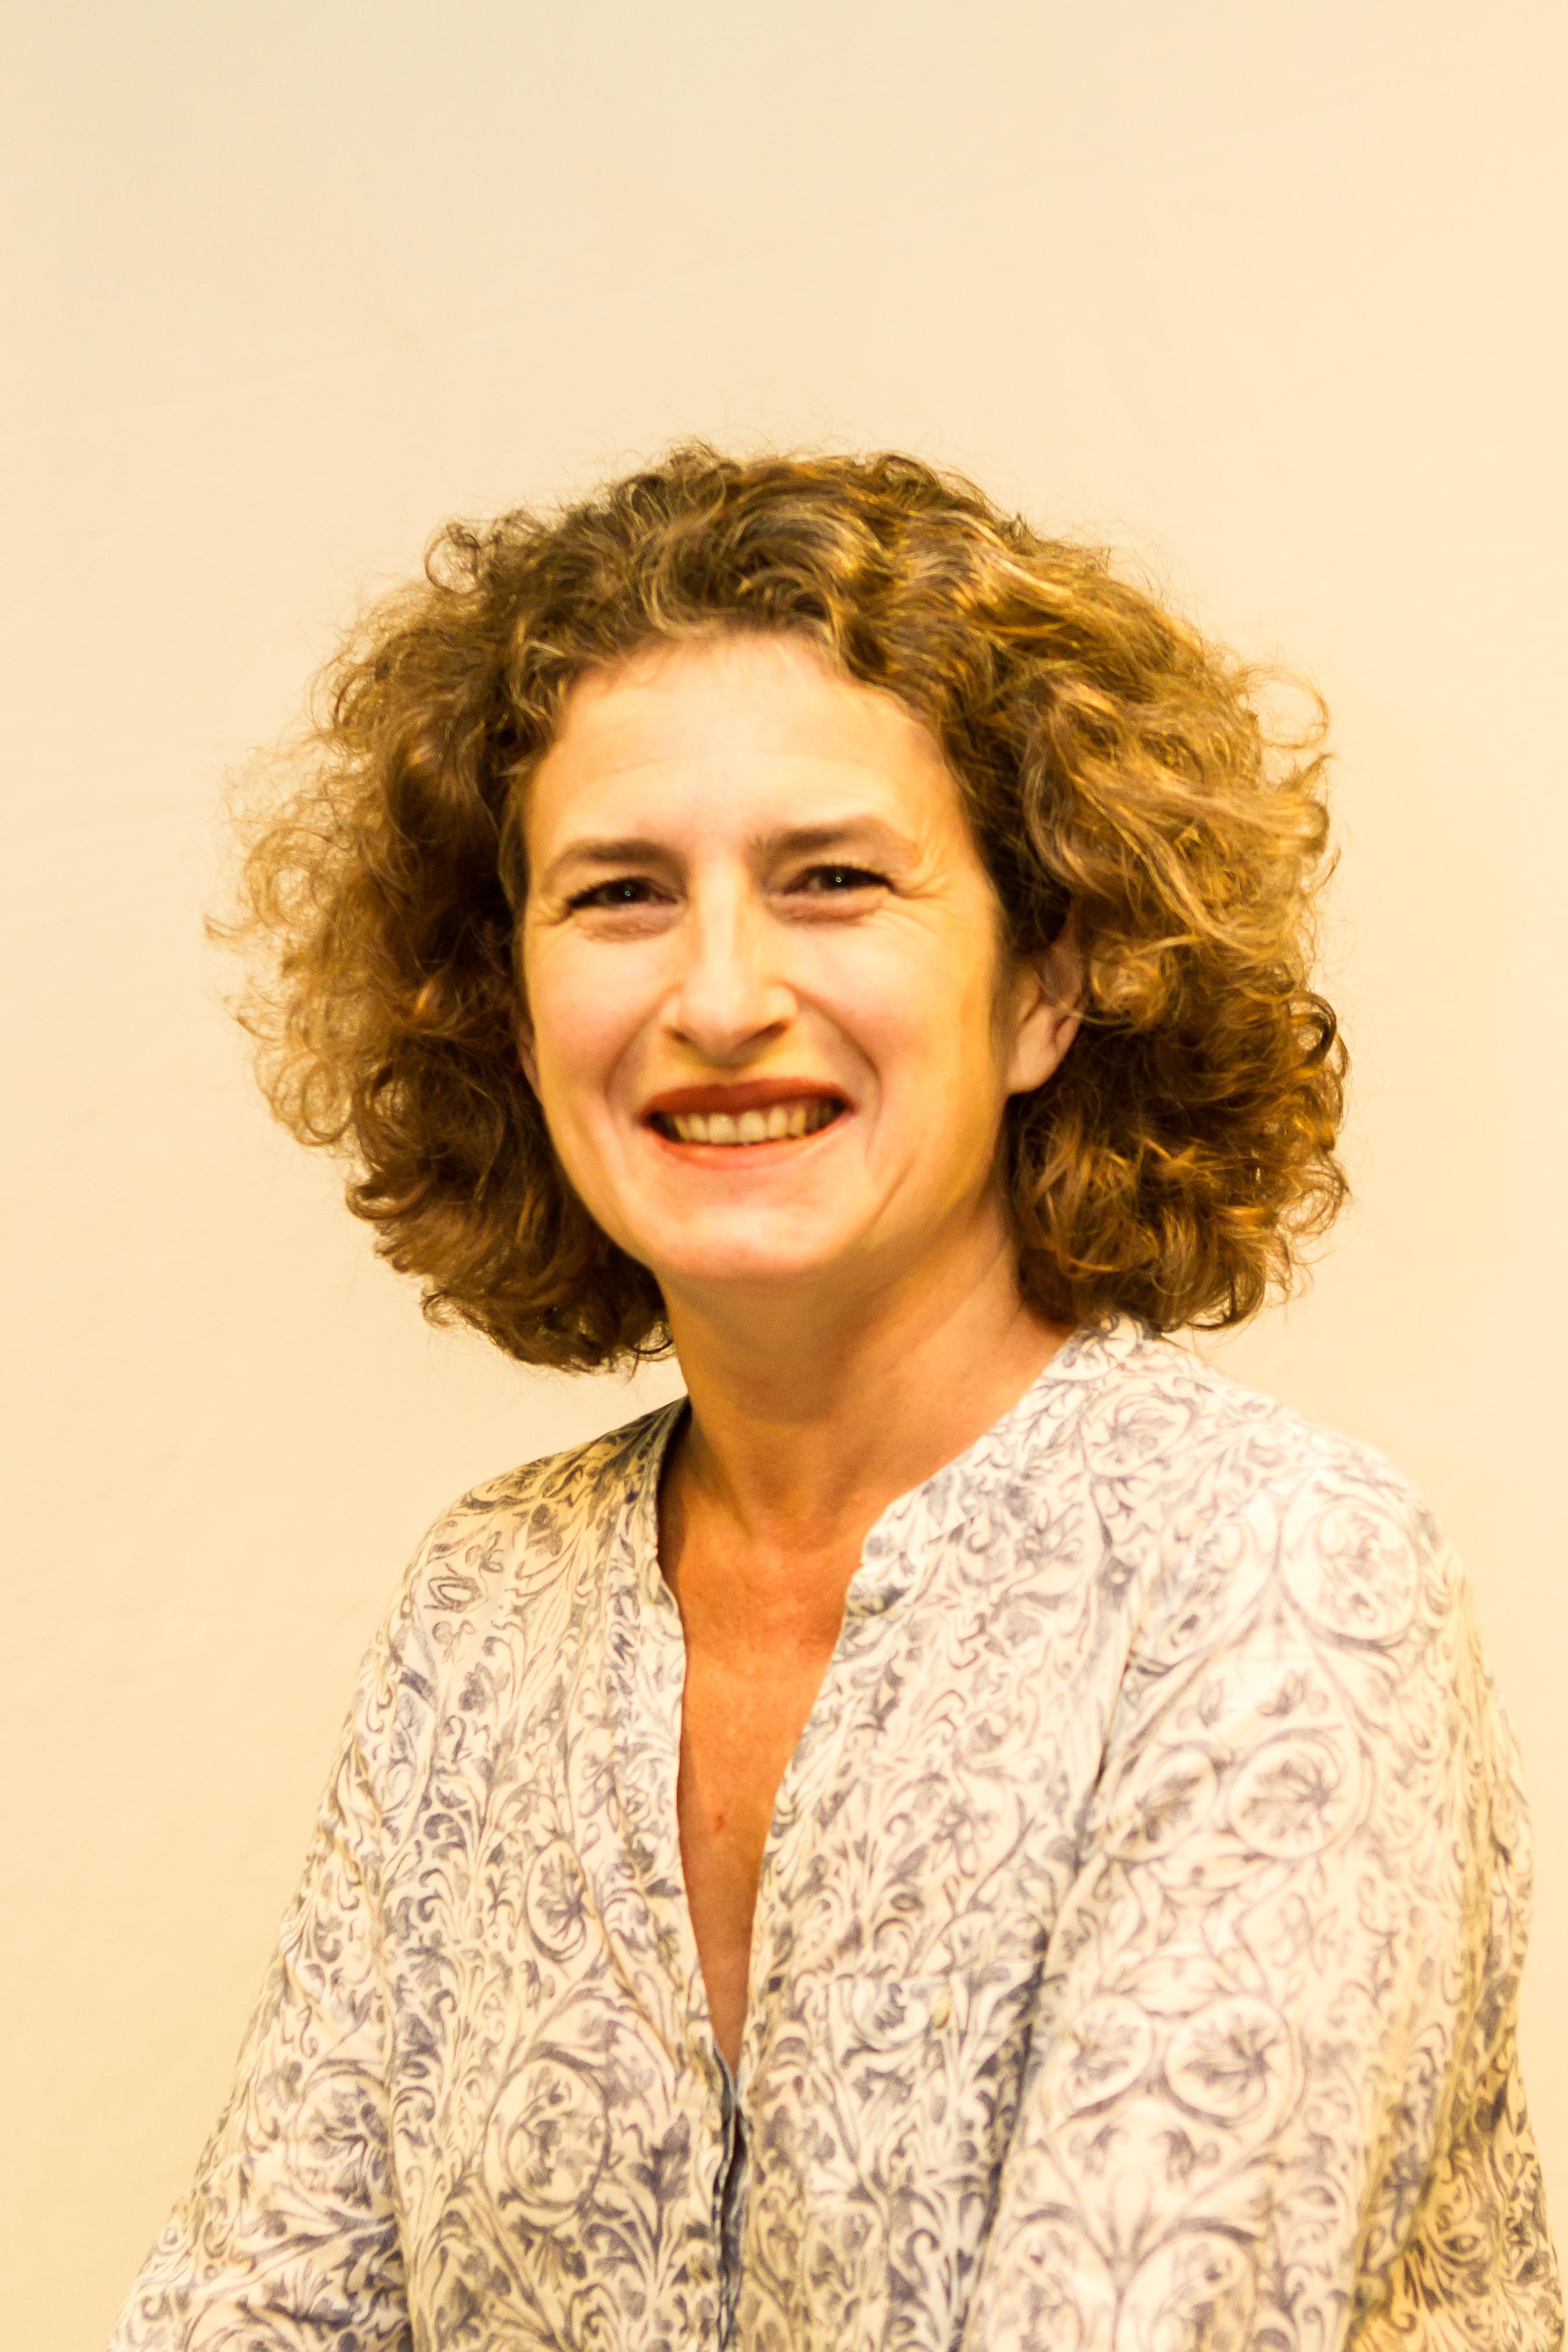 Suzanne Barbat